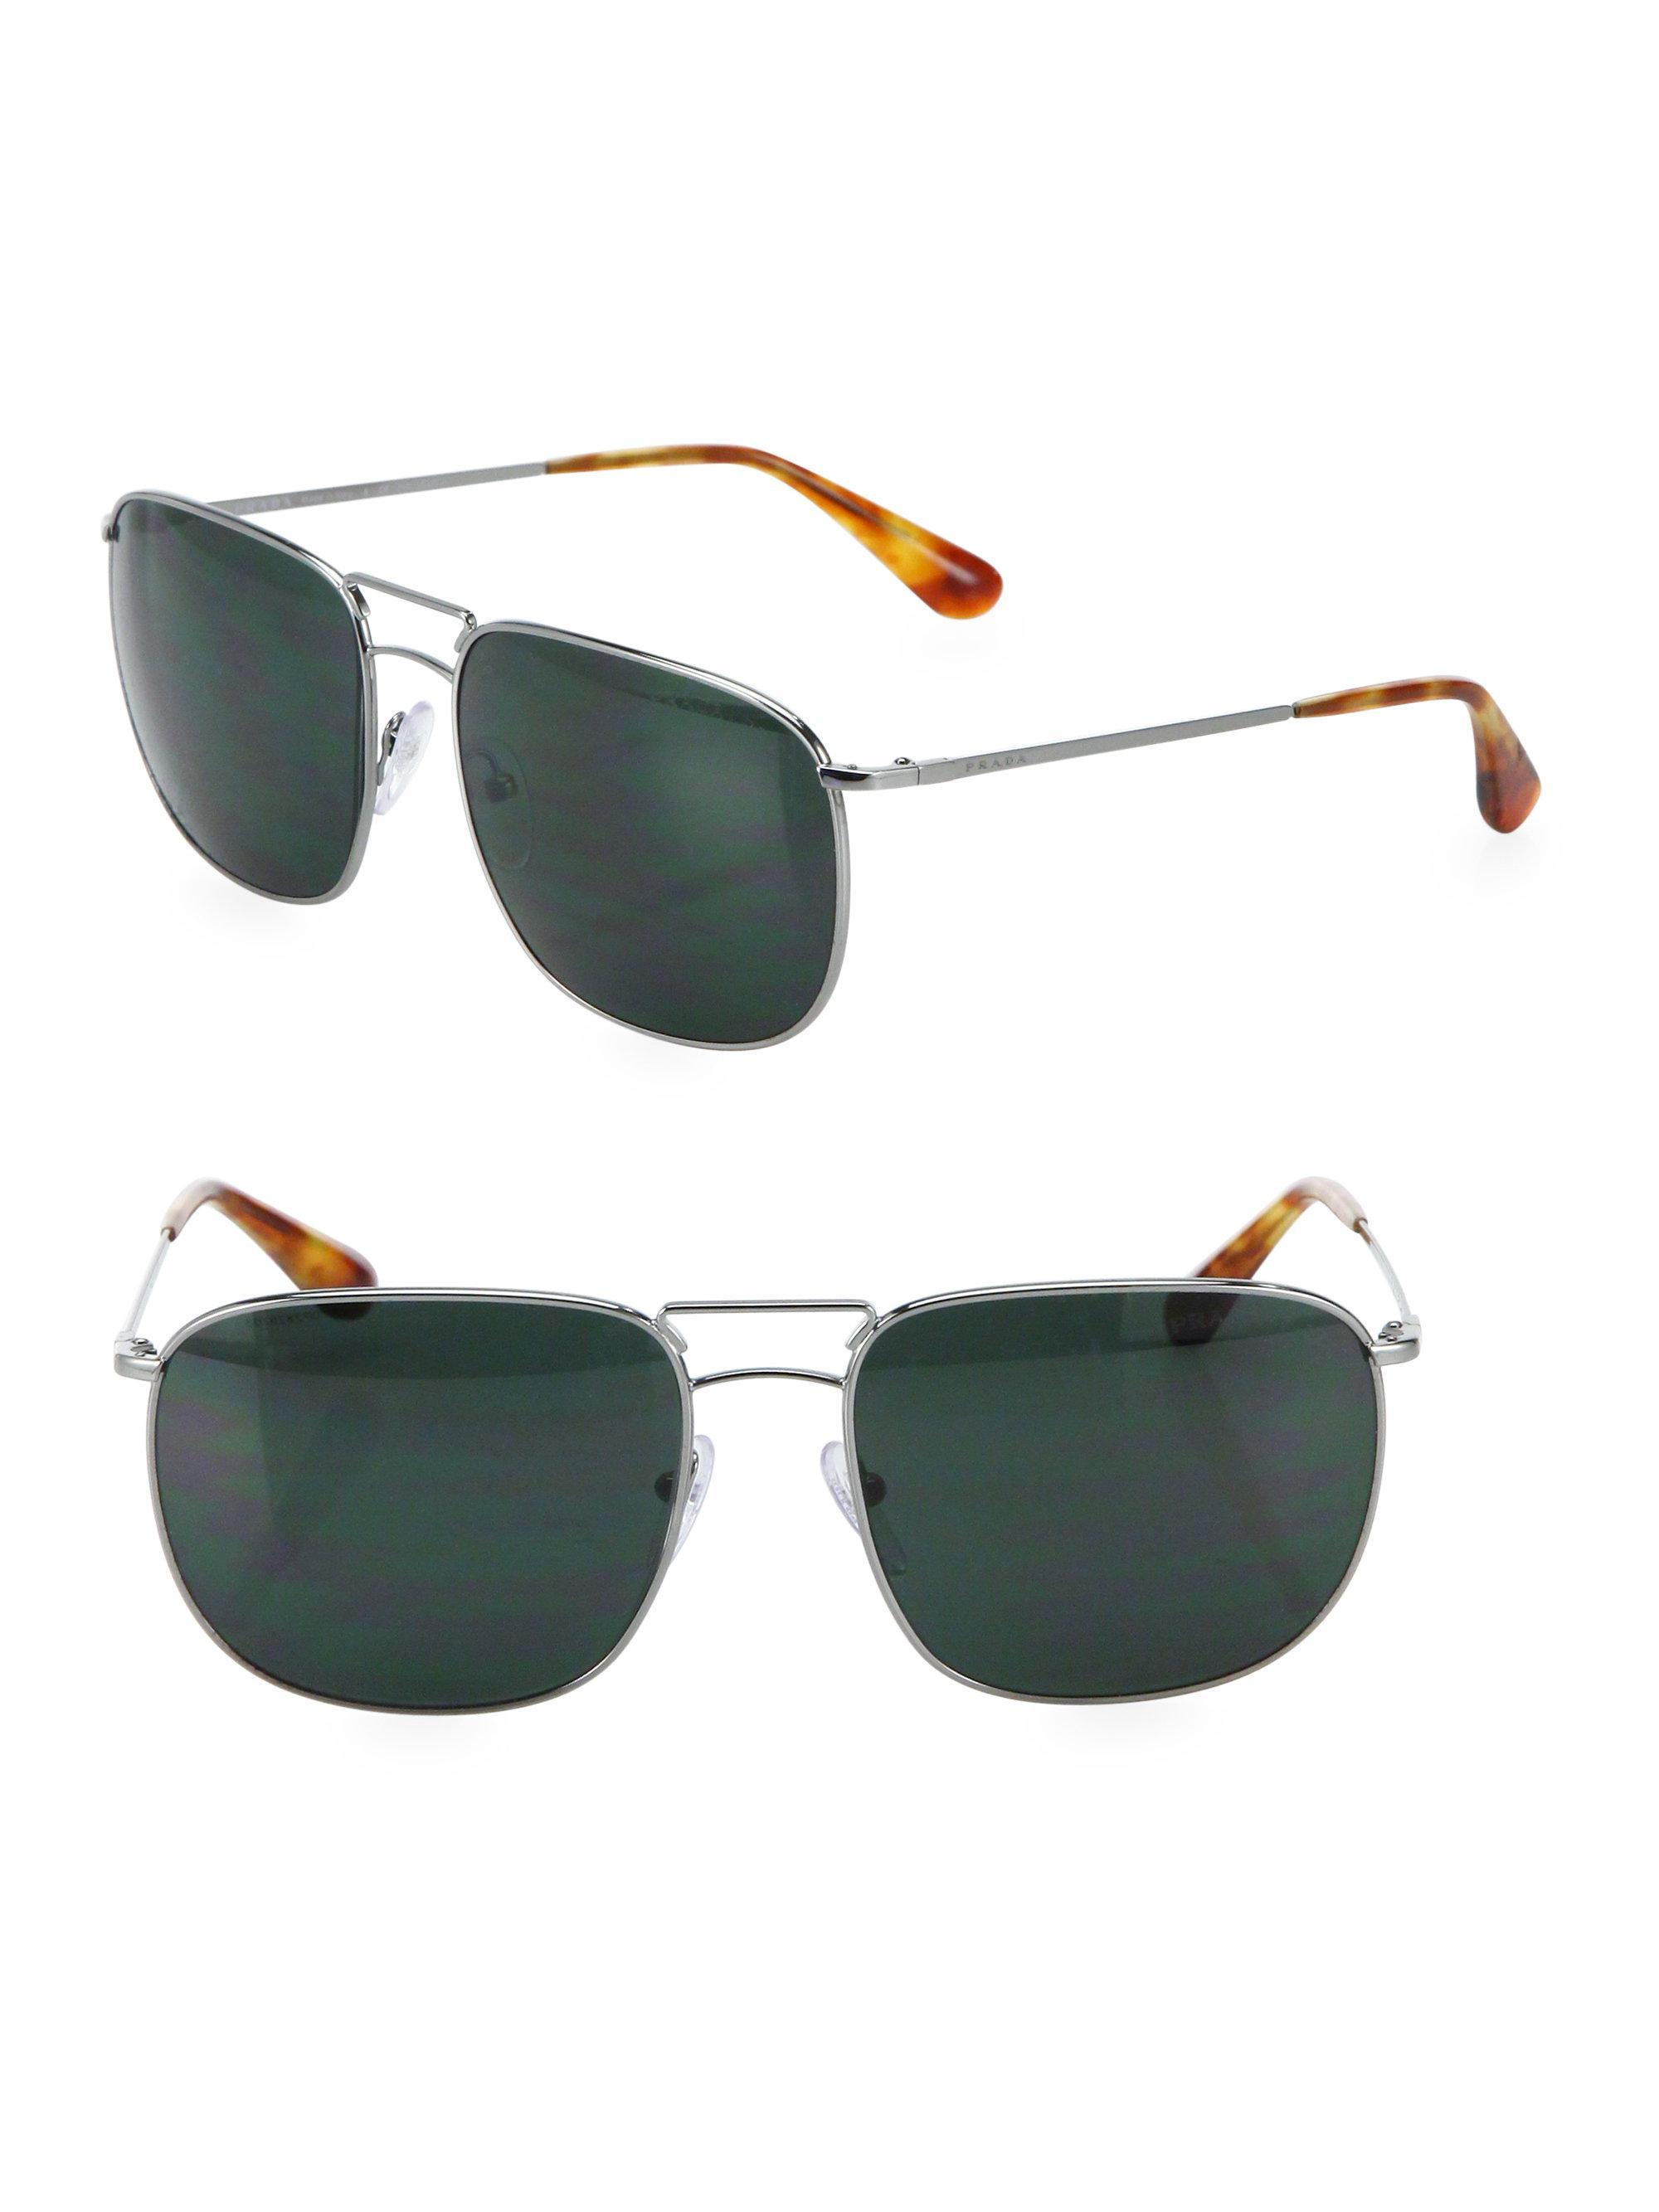 3defb79942ab Lyst - Prada 60mm Tortoise Pillow Sunglasses in Gray for Men